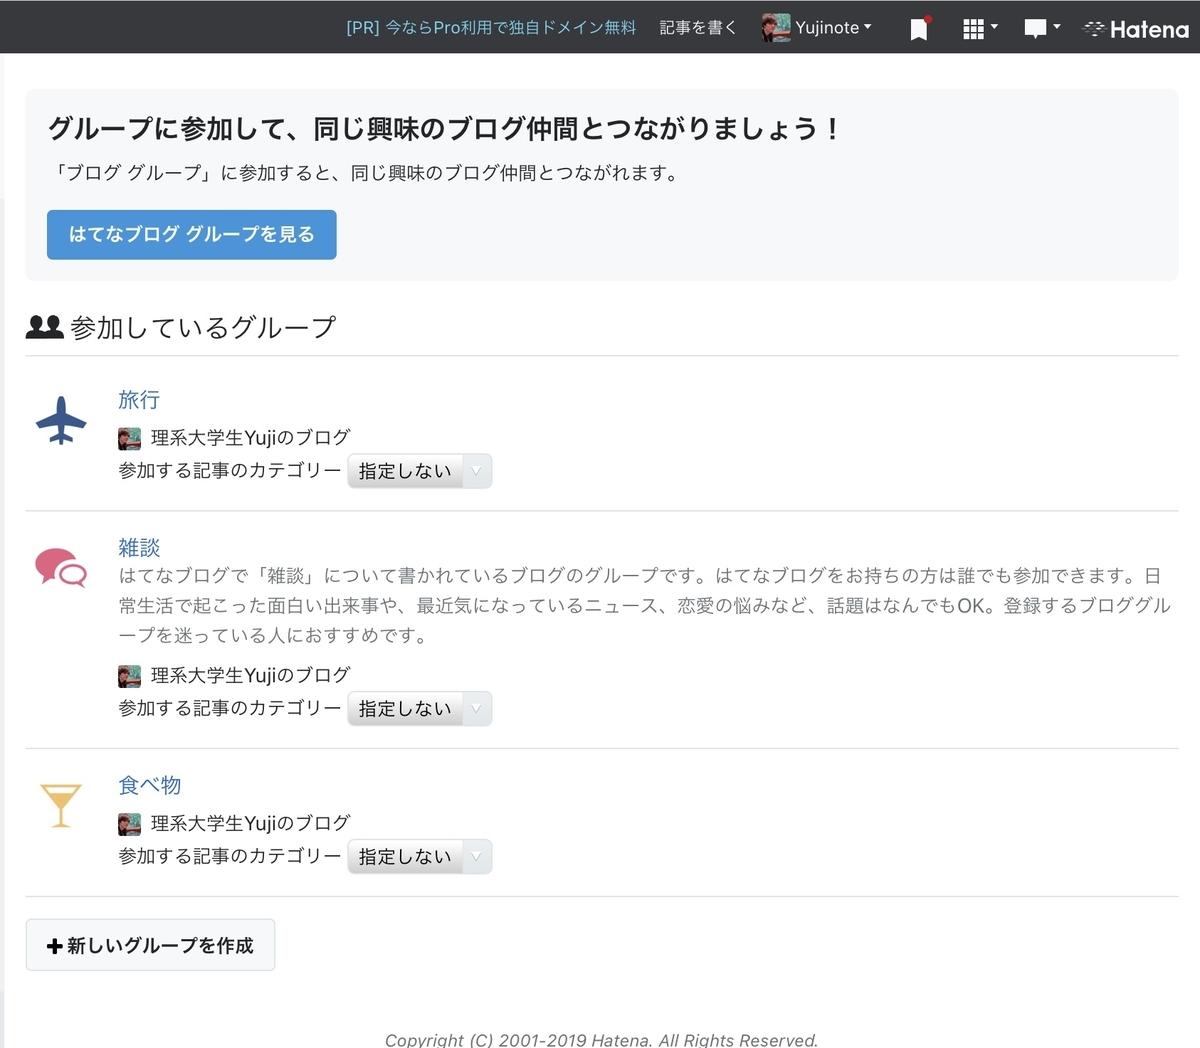 f:id:Yujinote:20191126012642j:plain